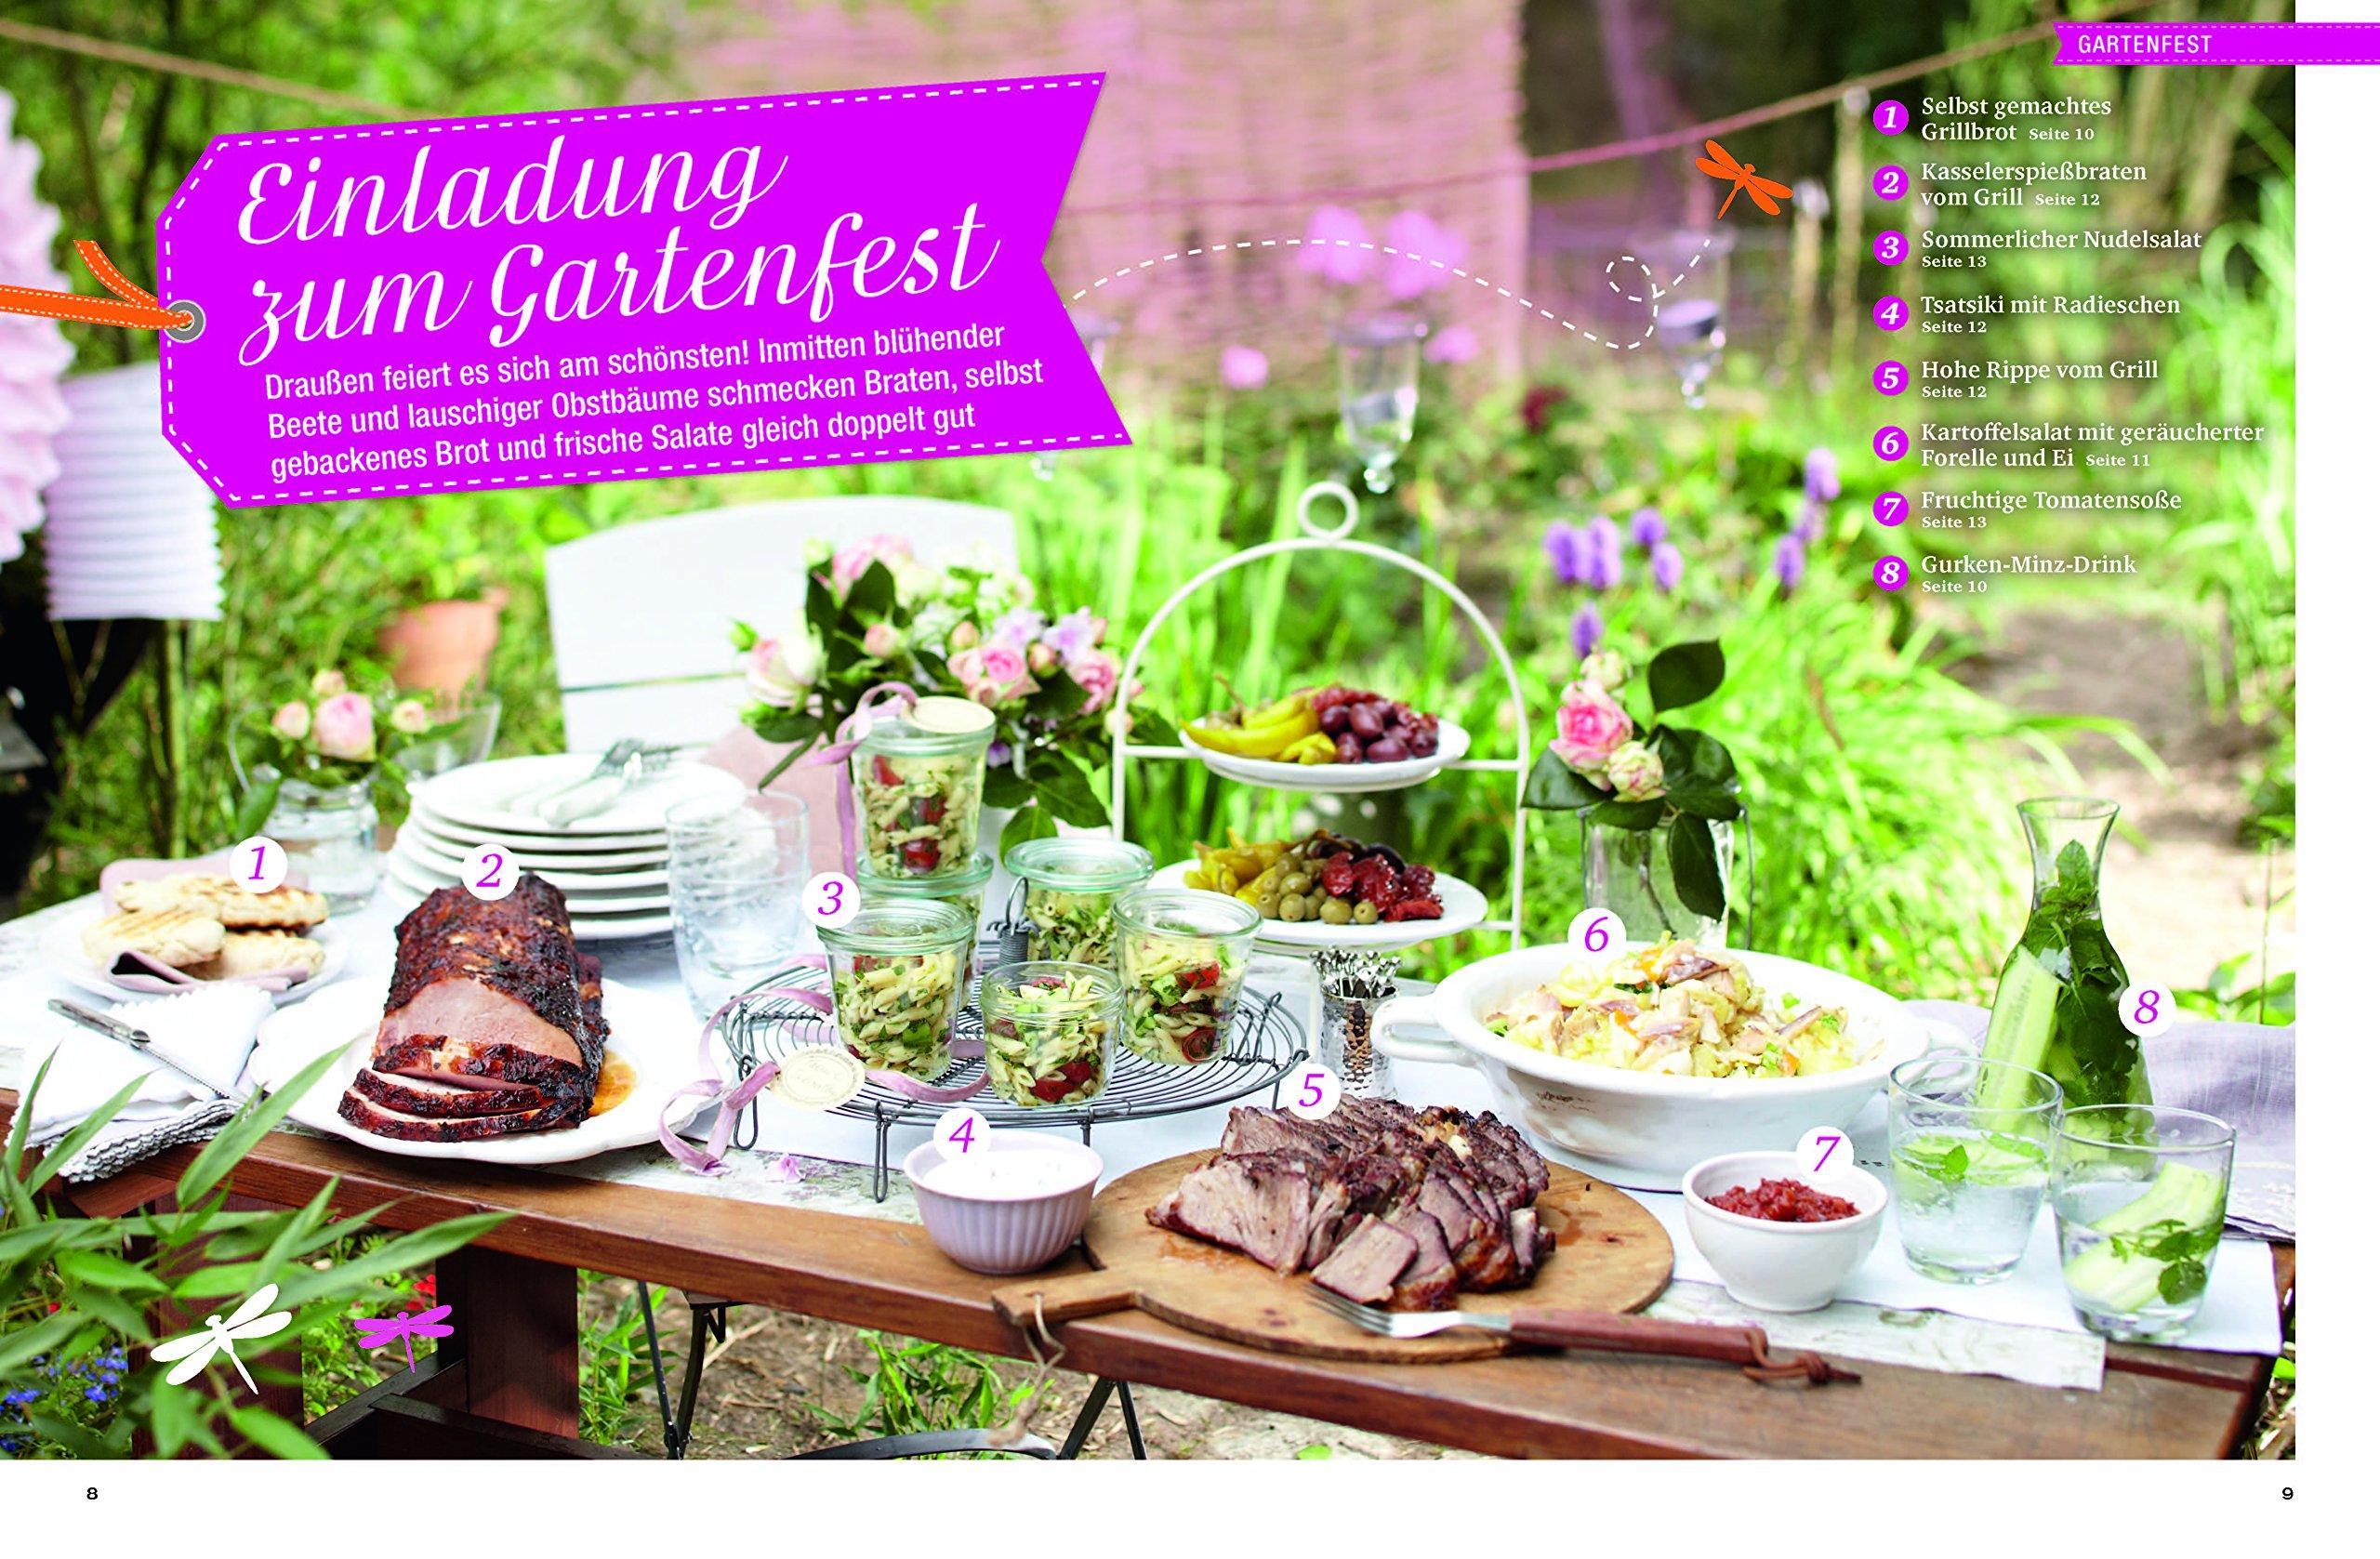 Sommerküche Kochen : Kochen & genießen sommerküche: grillen picknick gartenfest und